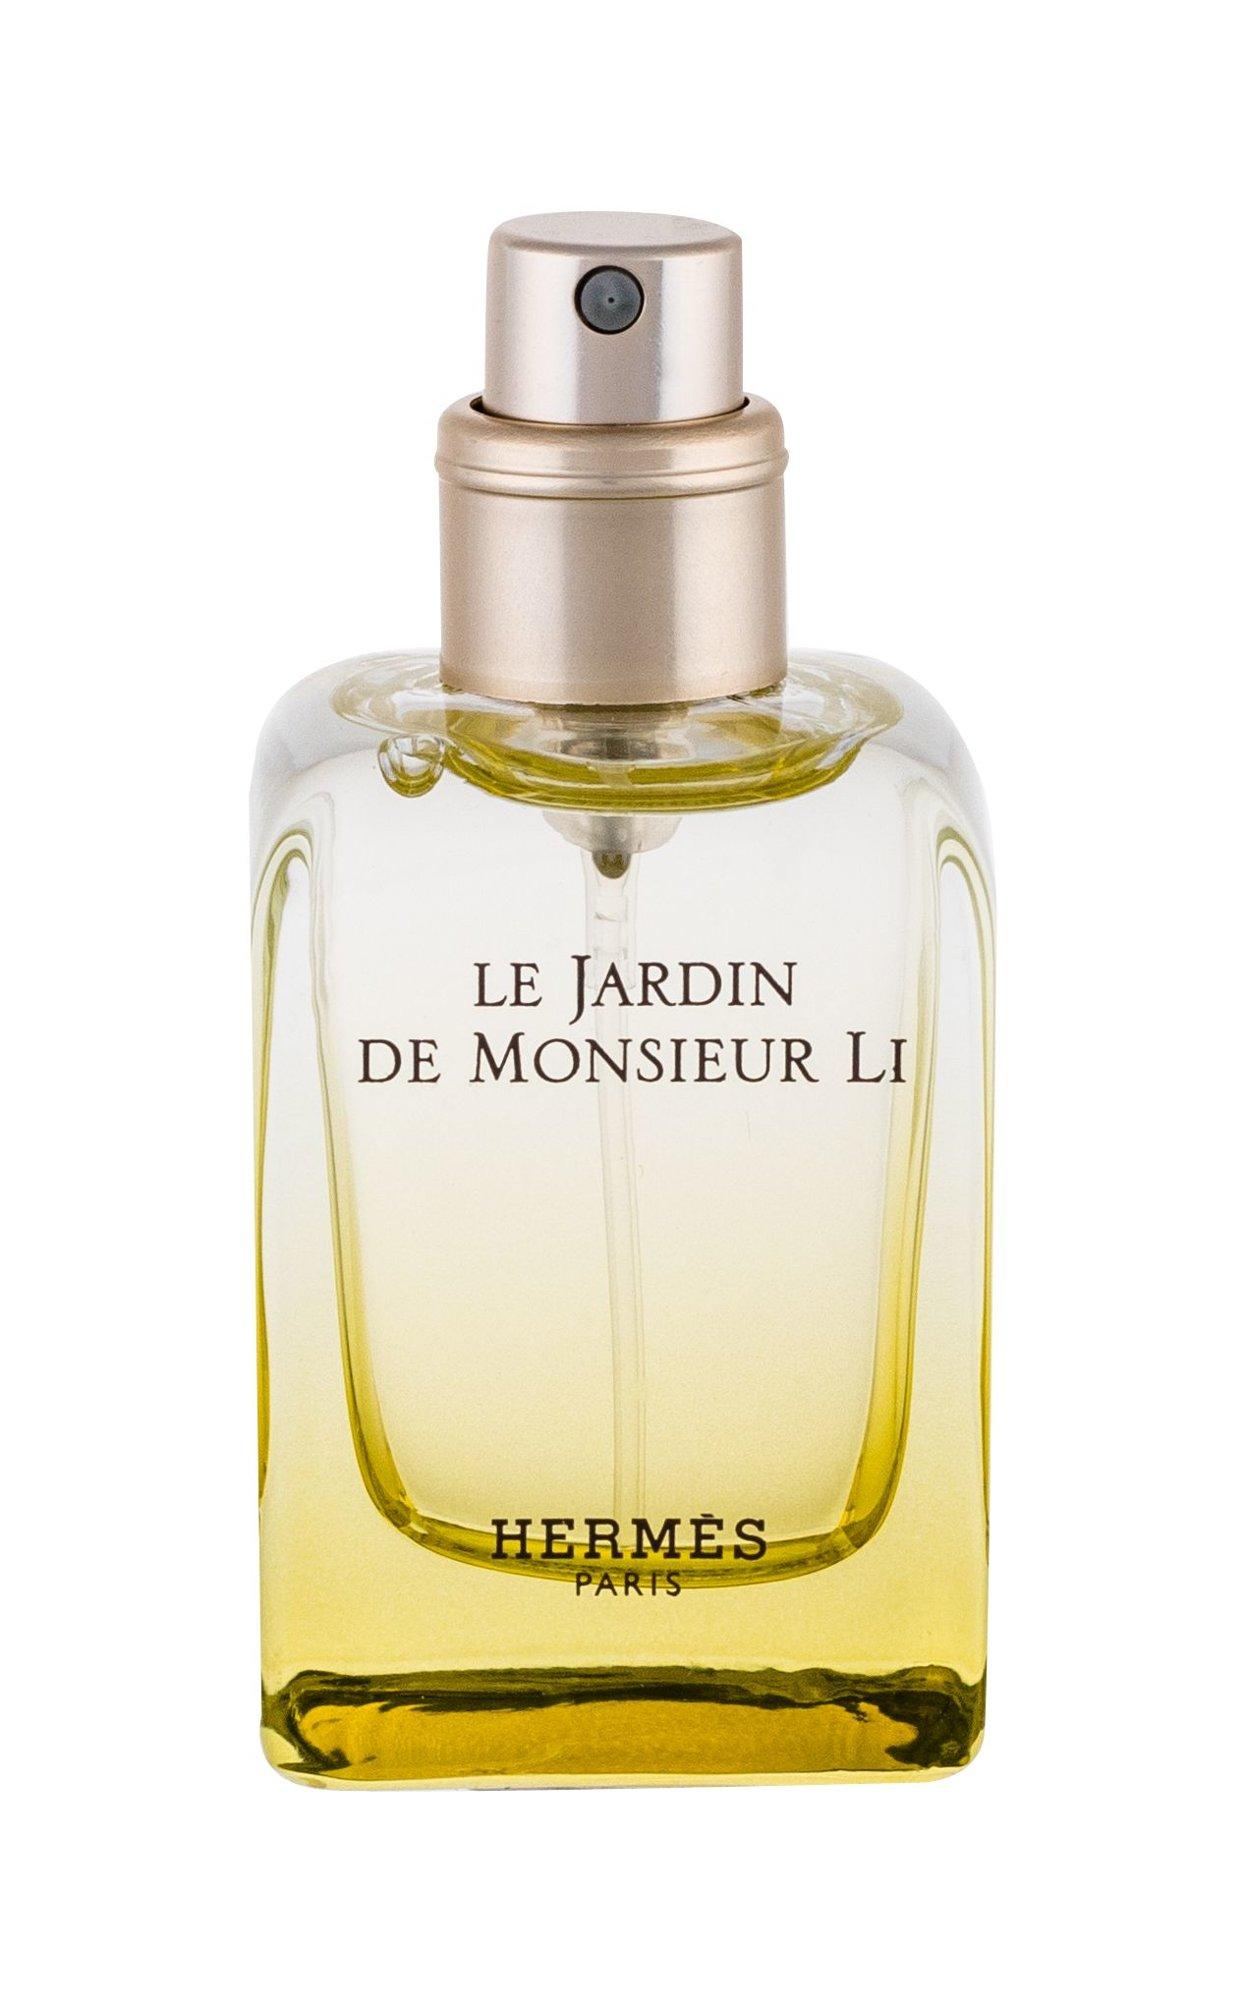 Hermes Le Jardin de Monsieur Li Eau de Toilette 30ml